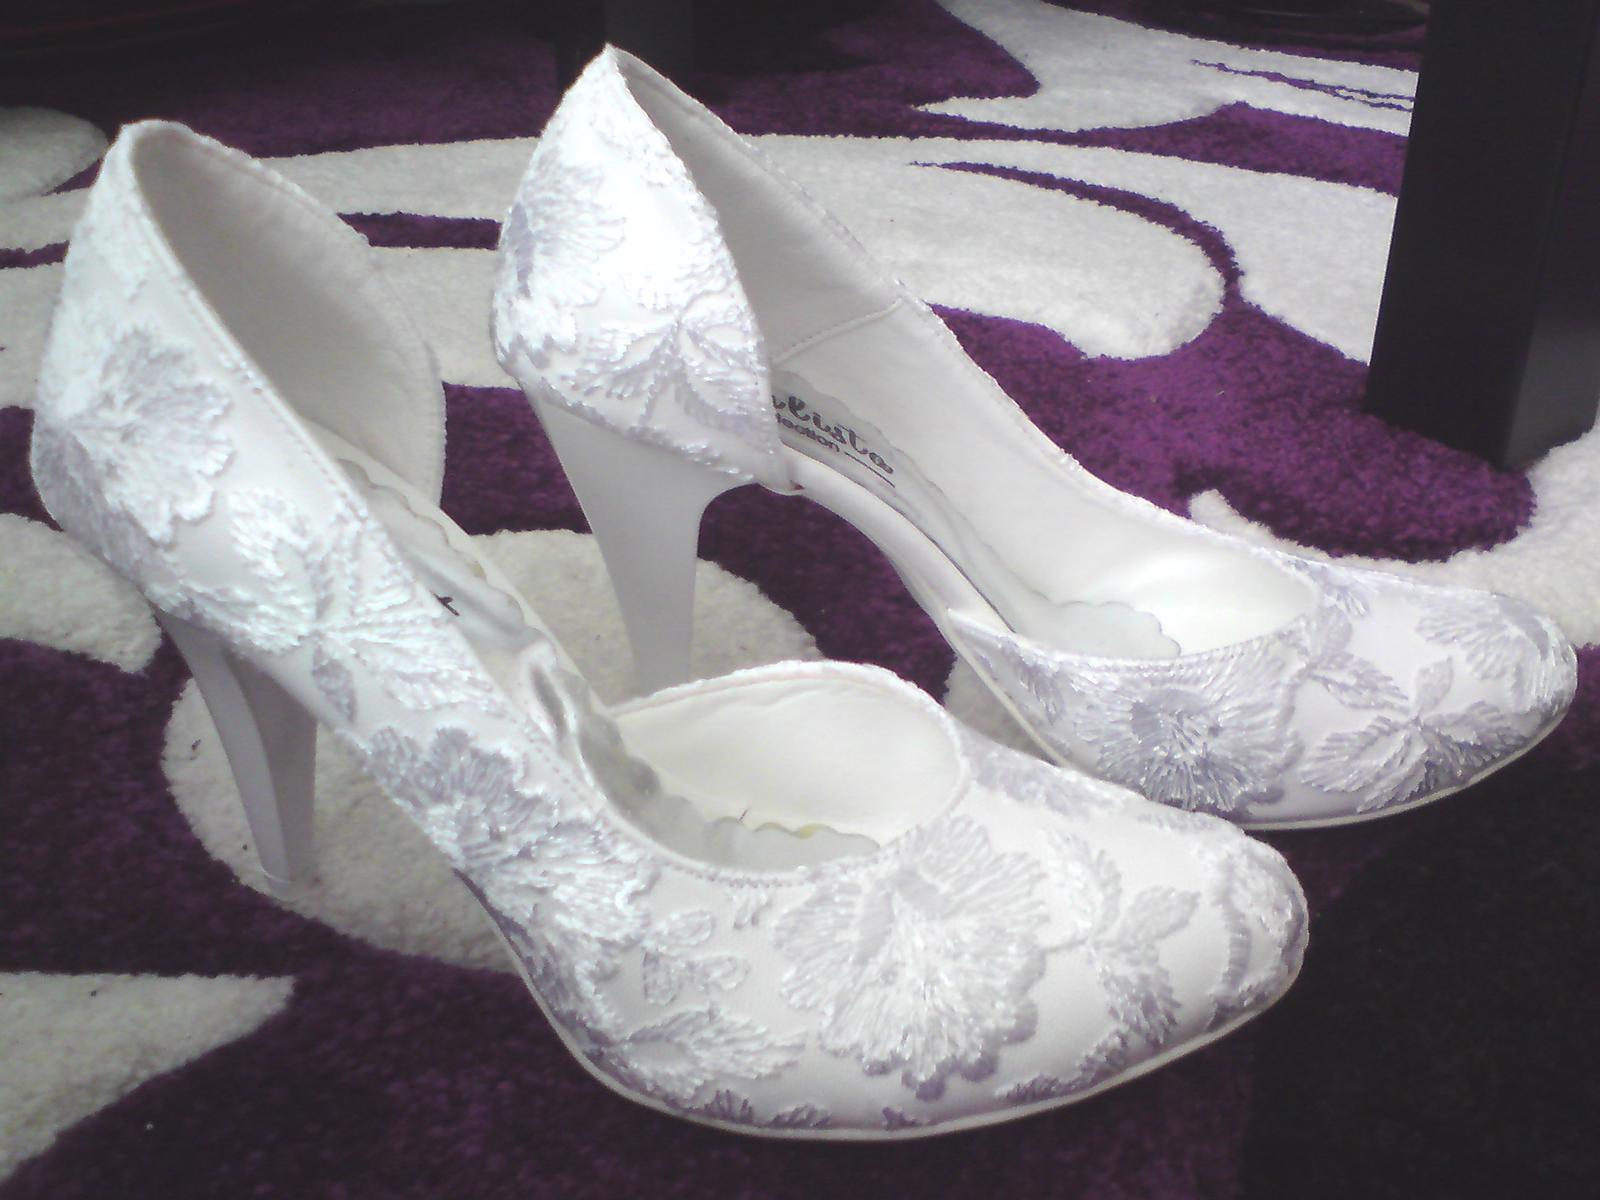 Naše predstavy - svadobne  topanky